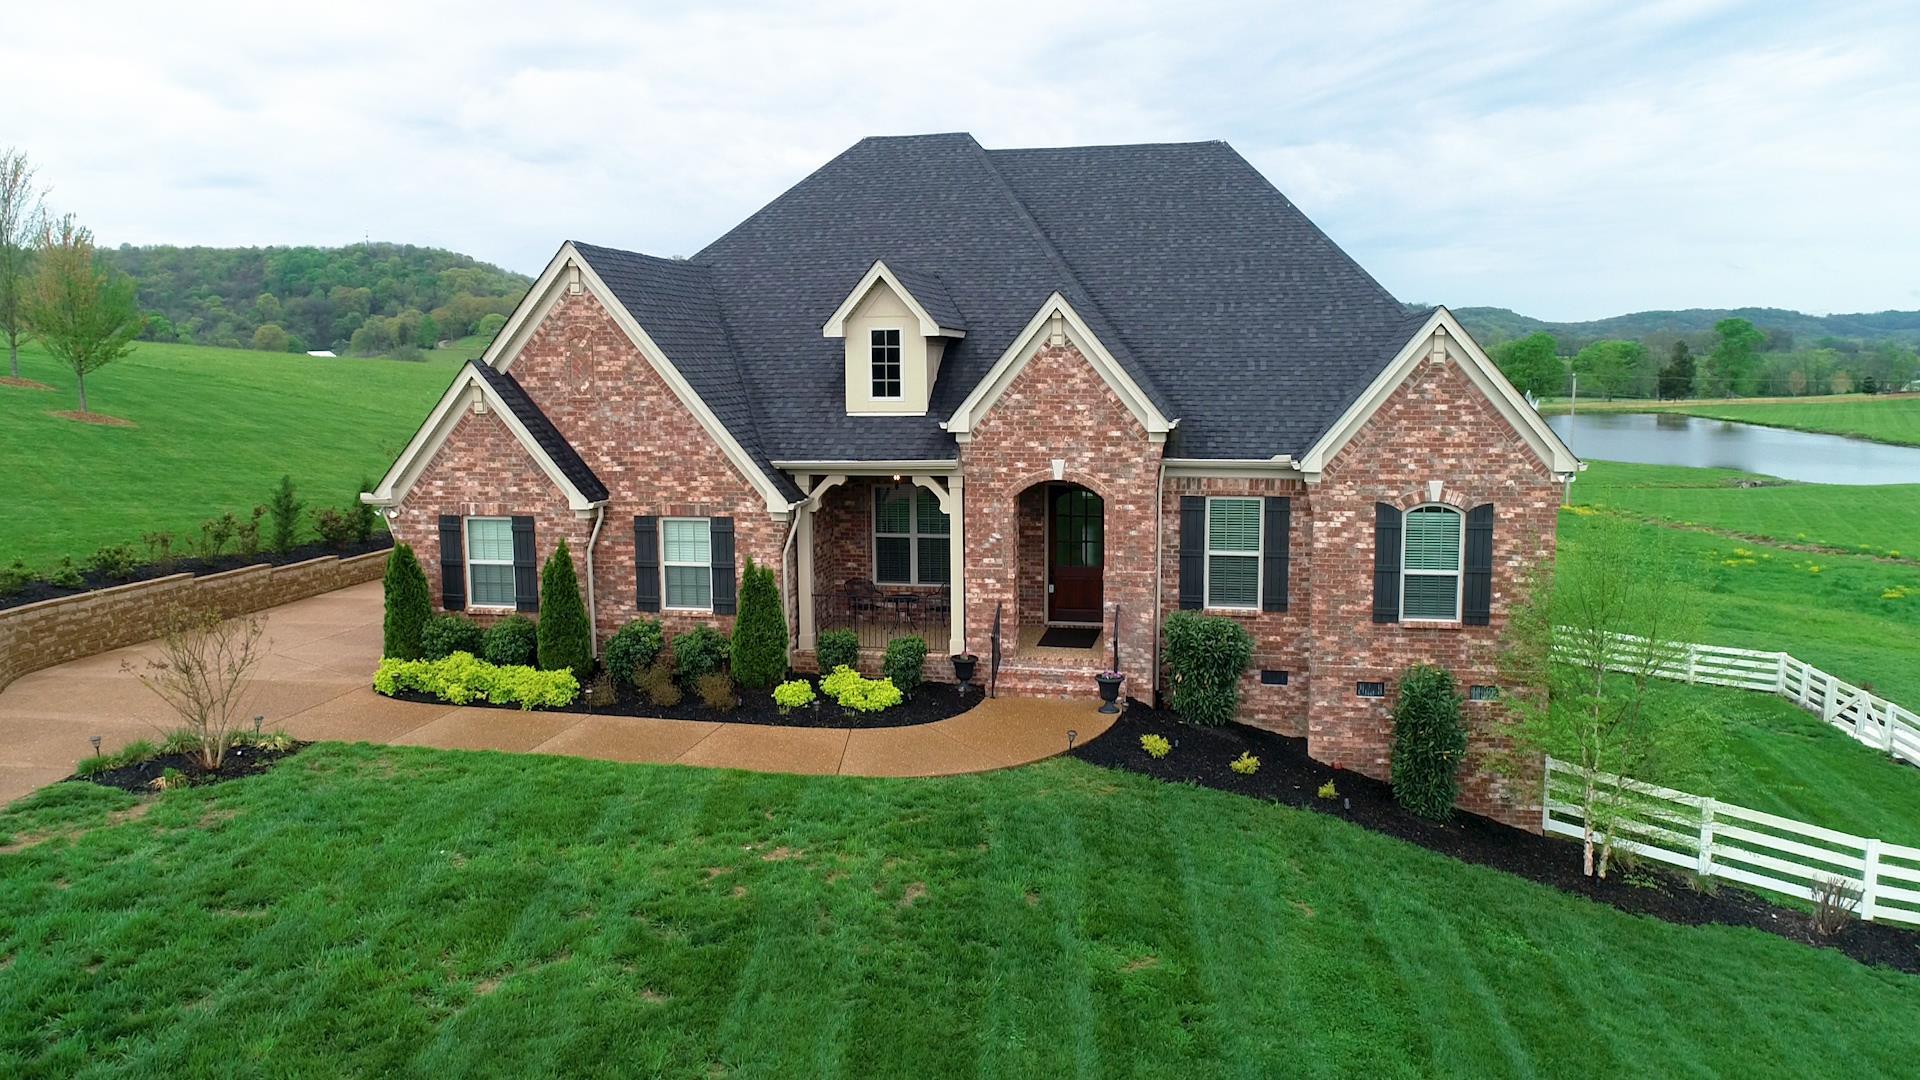 7202 Magnolia Valley Dr, Eagleville, TN 37060 - Eagleville, TN real estate listing